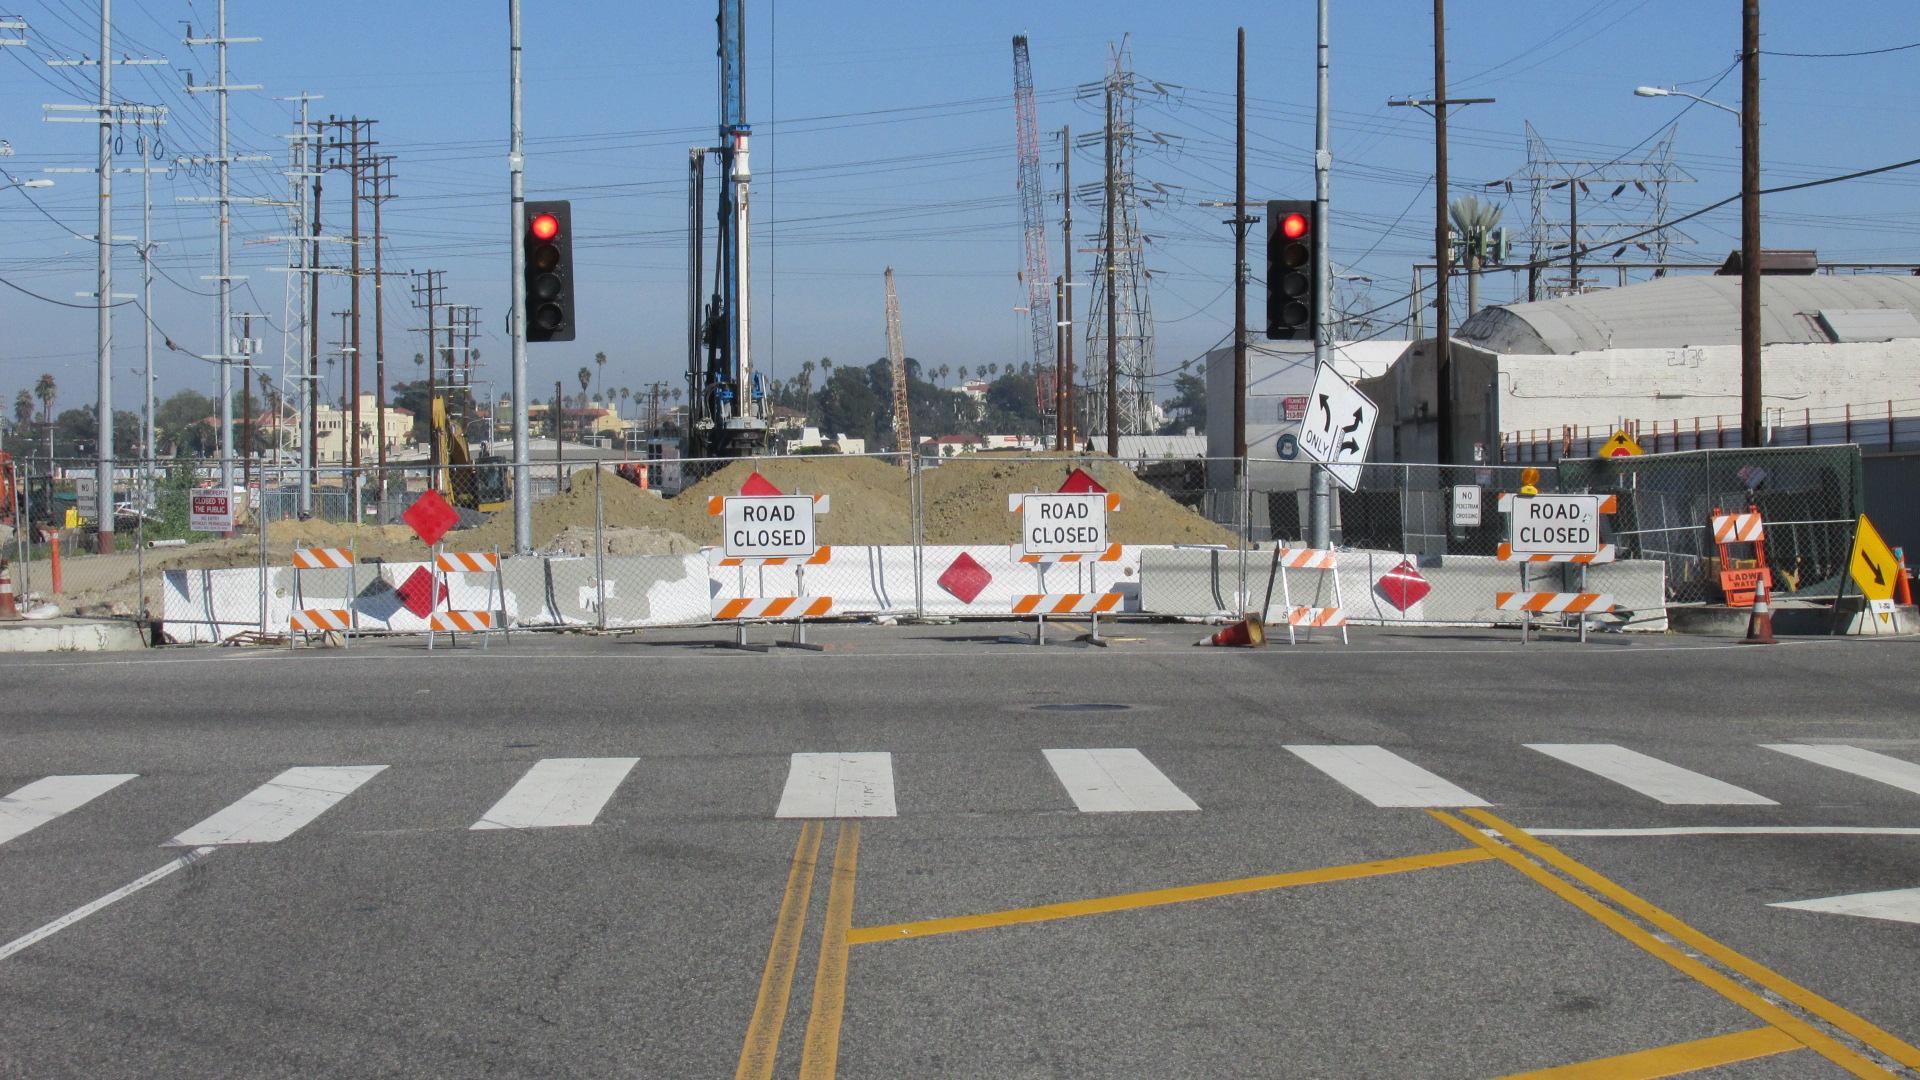 B6 1703 05 Road Closed